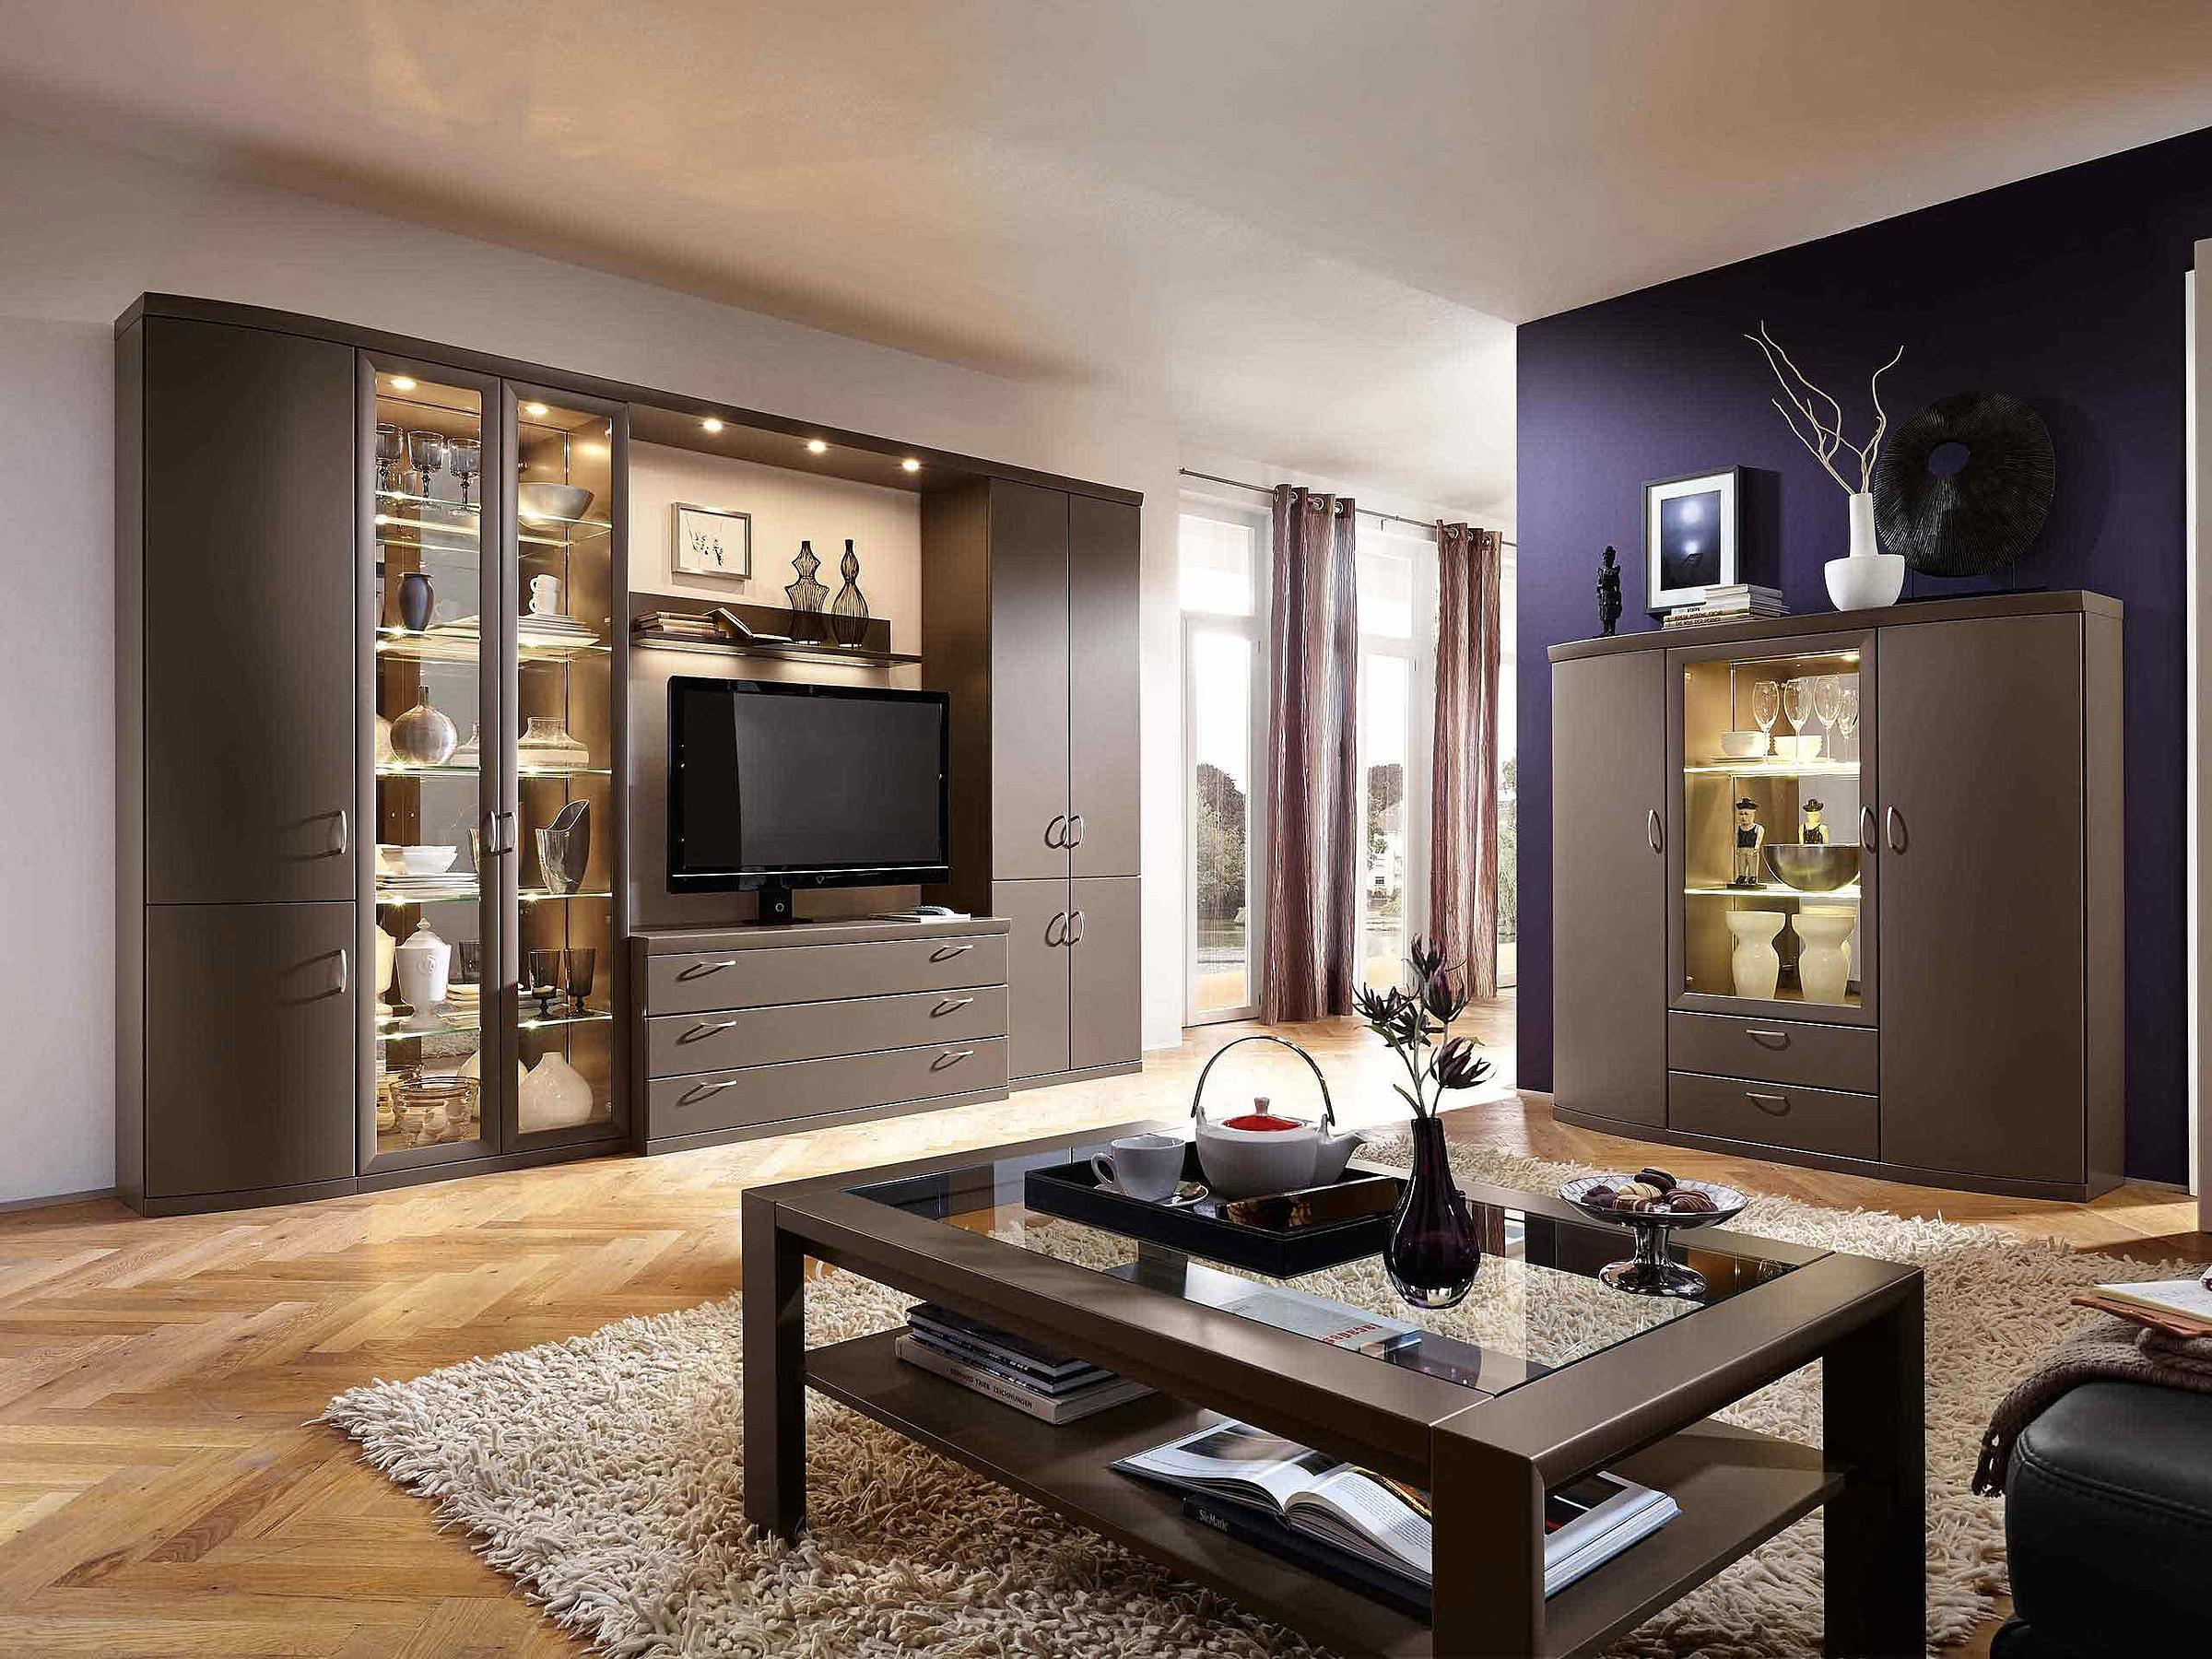 Wohnwand Vitrine Couchtisch Wohnzimmer Malta